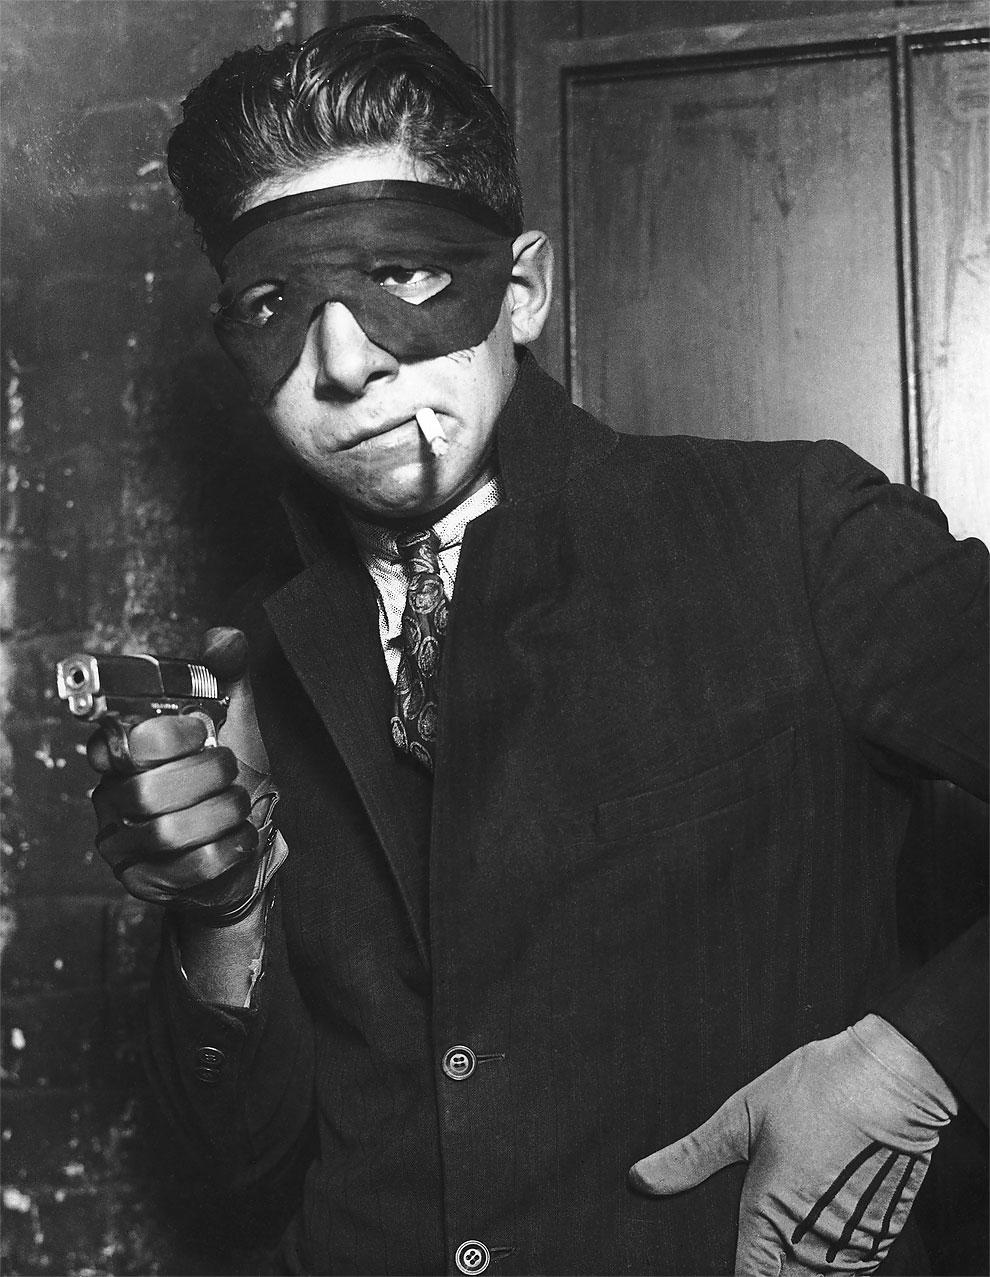 Молодой человек, выдает себя за замаскированного бандита.